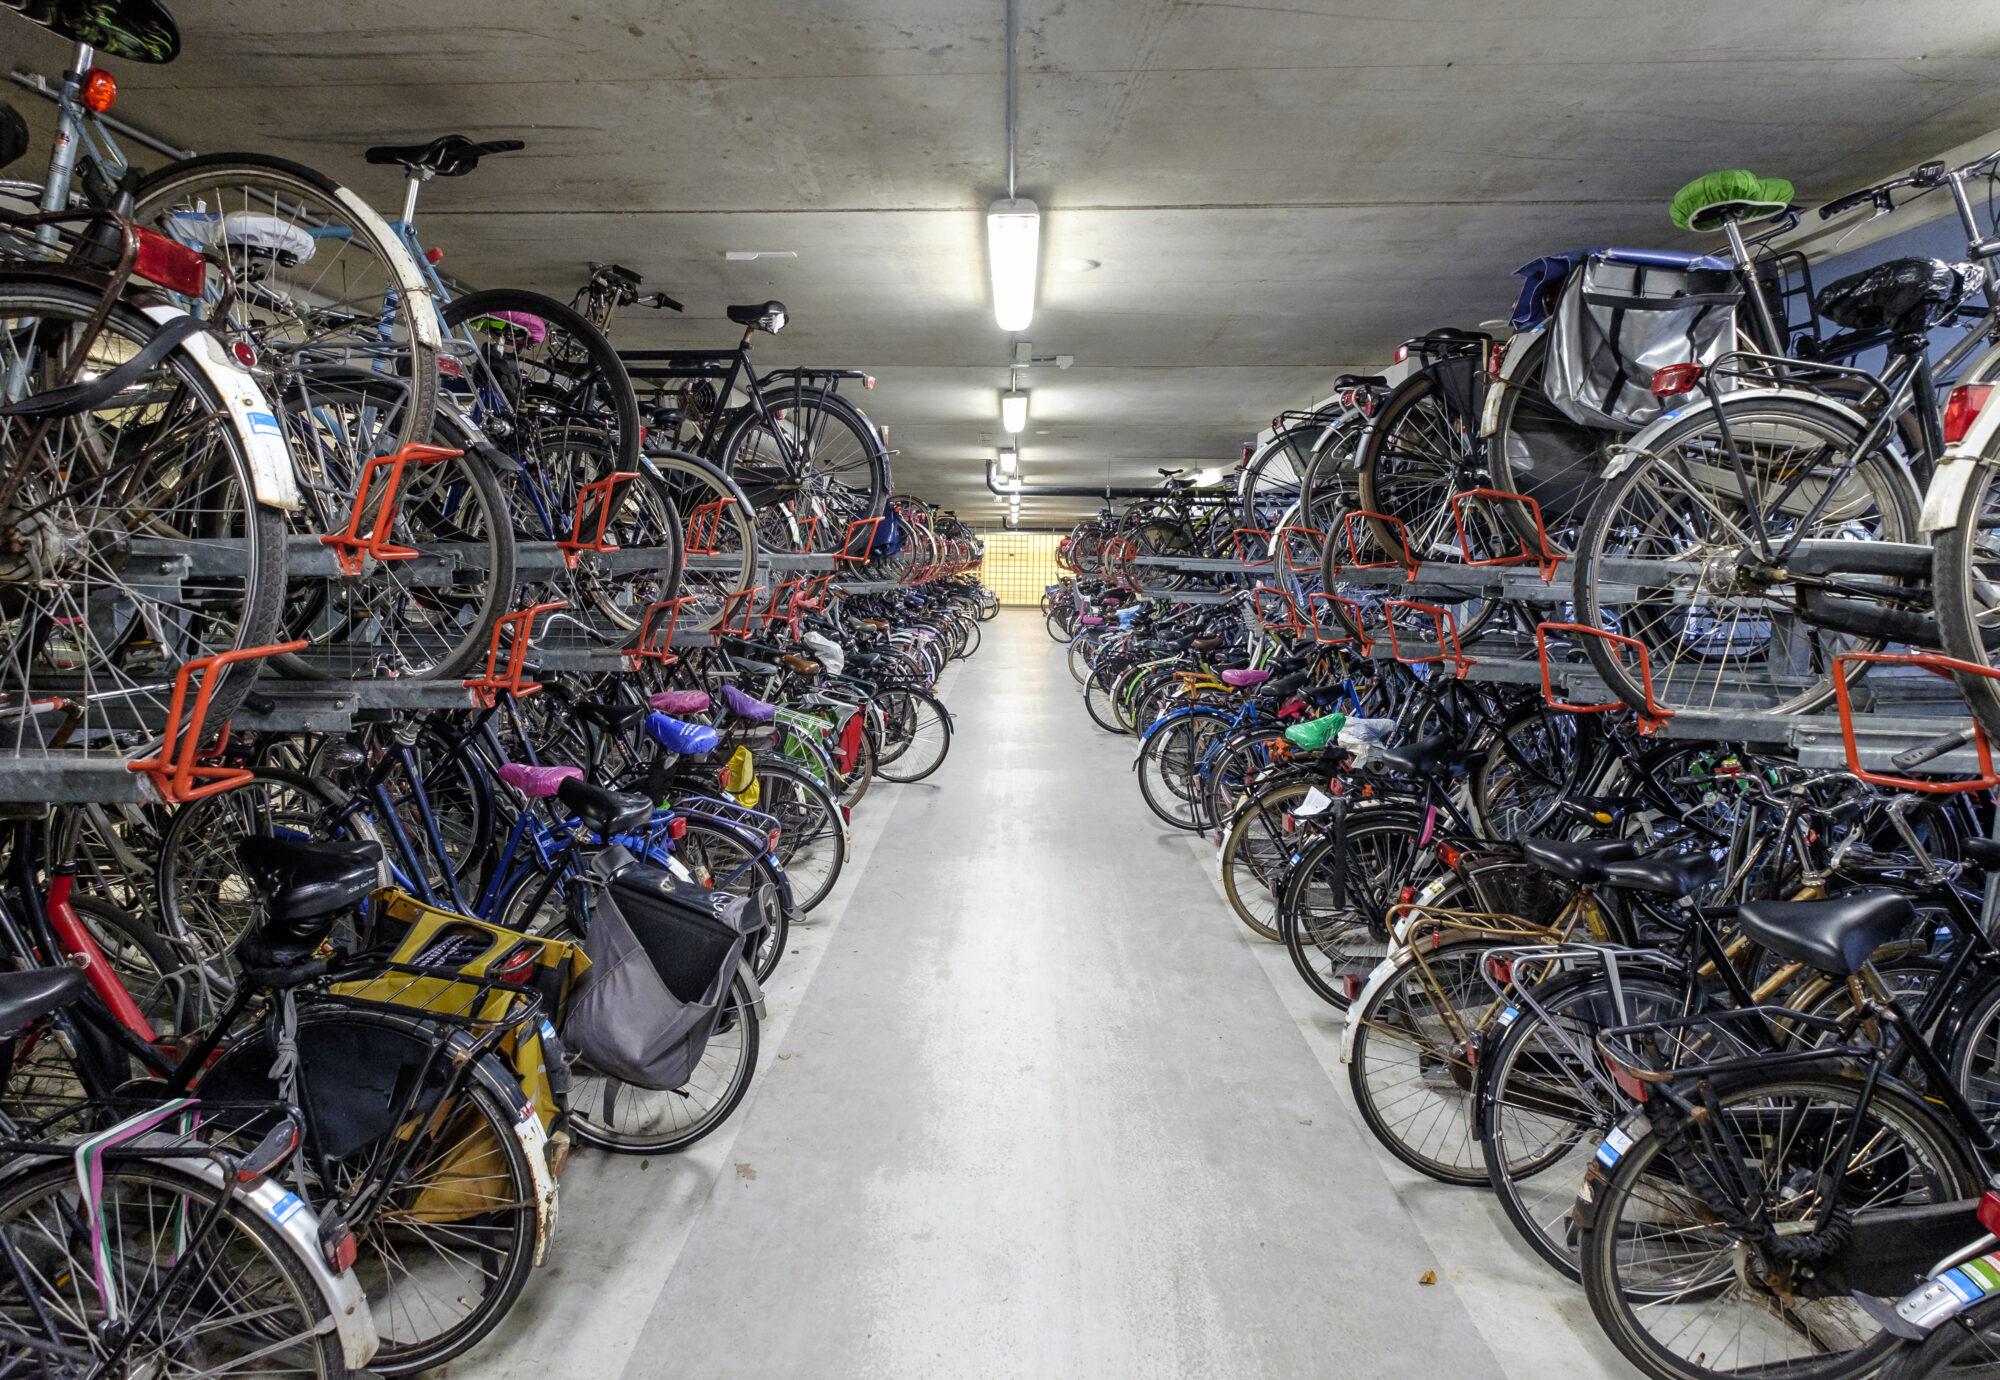 Fietsenstallingen in binnenstad Apeldoorn langer open